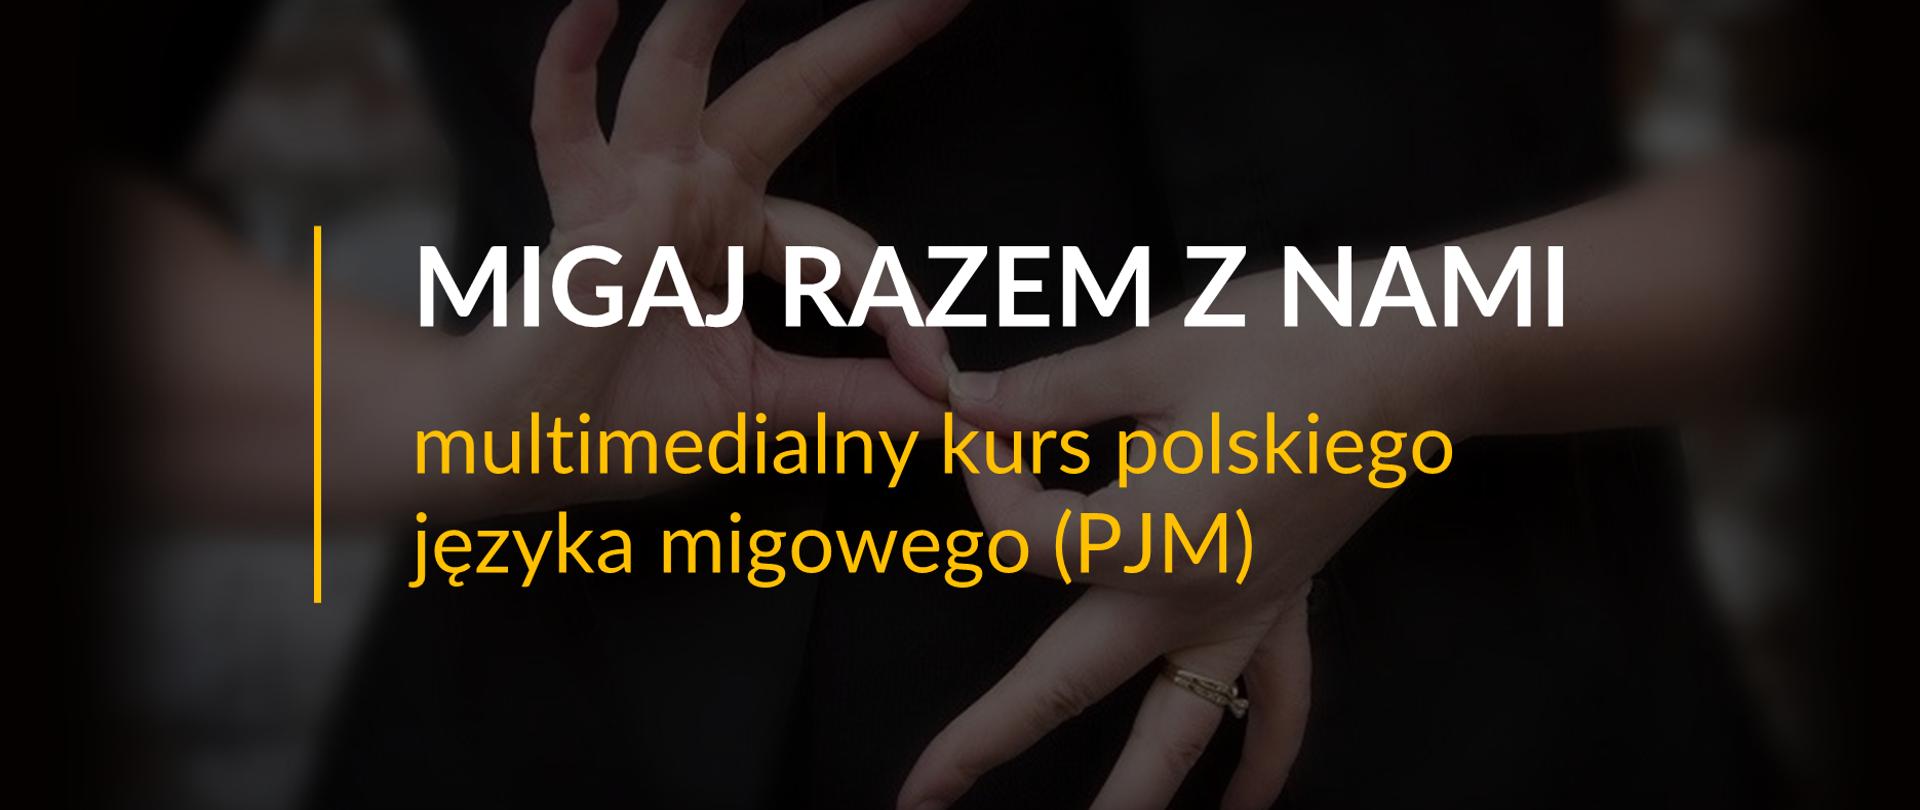 Napis: Migaj Razem z Nami - multimedialny kurs polskiego języka migowego